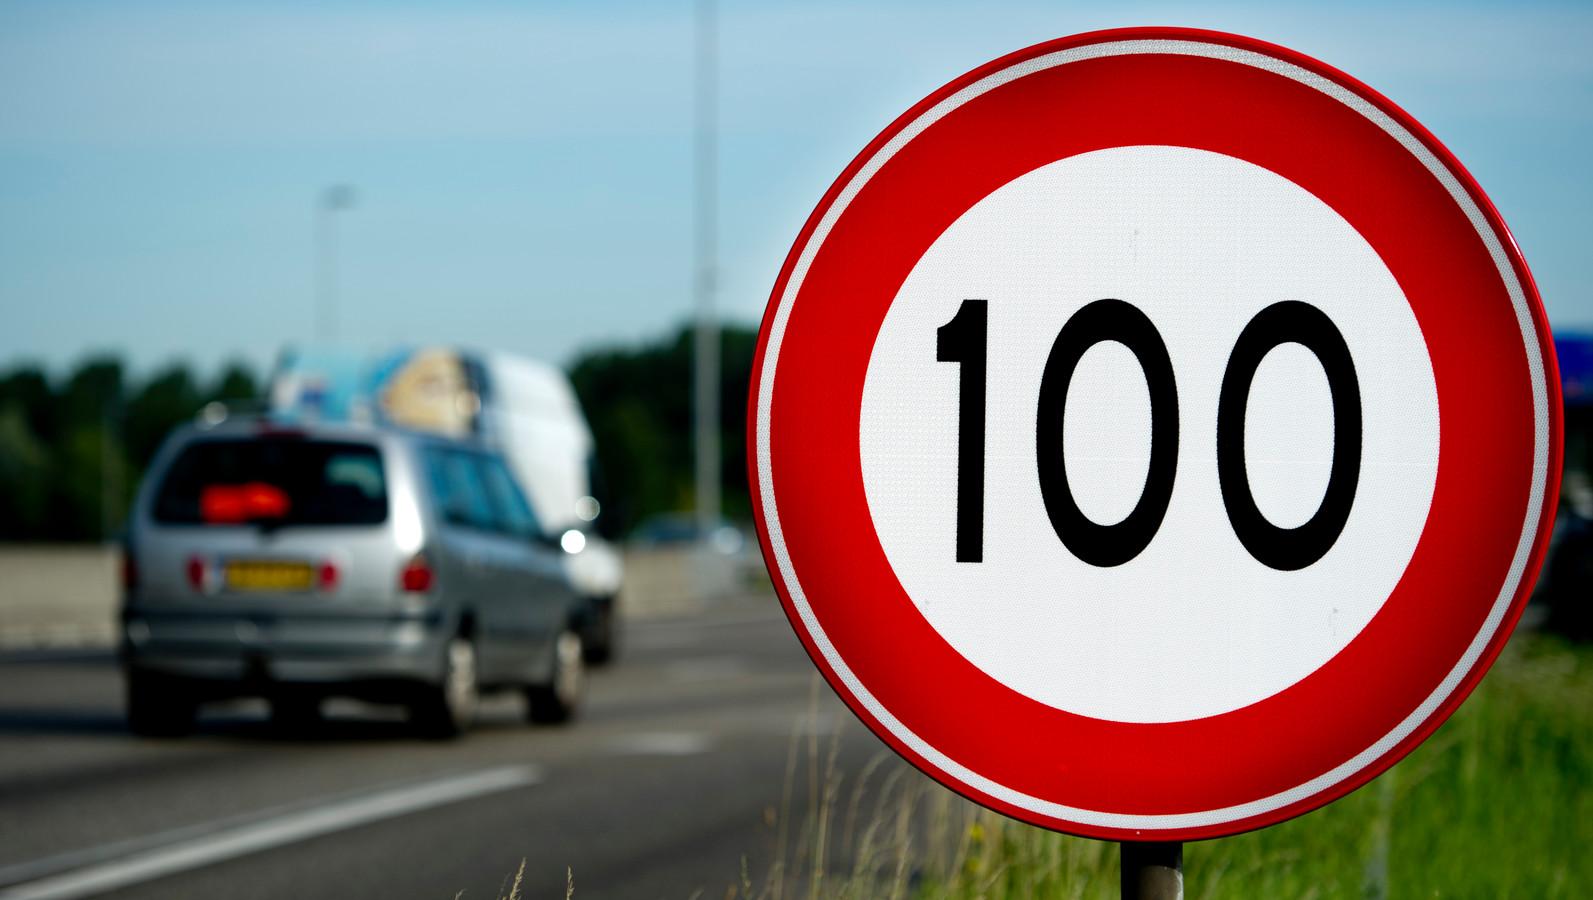 Het kabinet presenteert morgen het maatregelenpakket voor stikstofreductie maar zeker is dat de maximumsnelheid overdag in het grootste deel van Nederland verlaagd wordt naar 100 kilometer per uur.